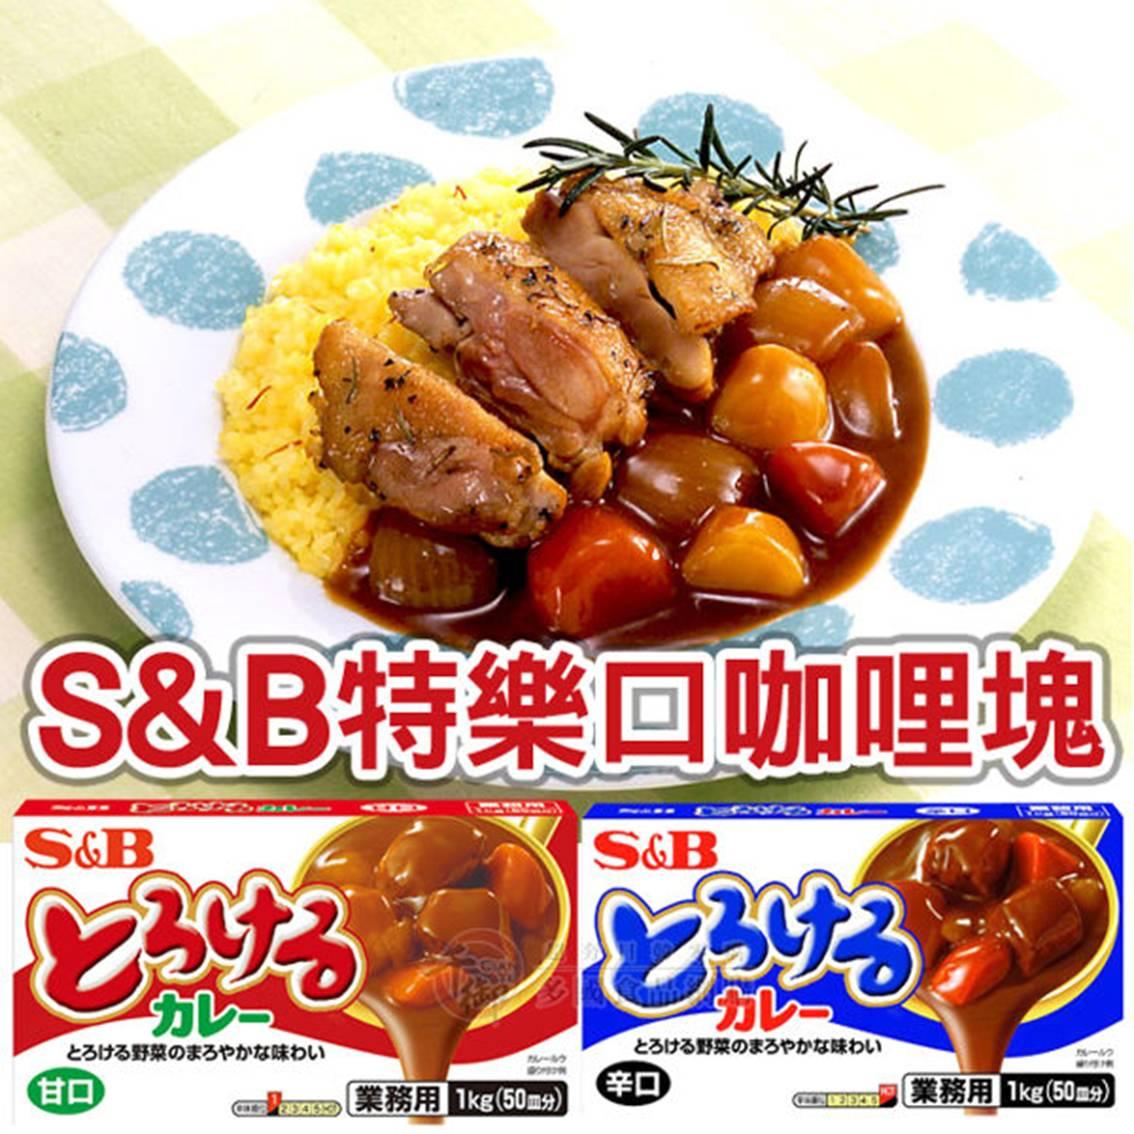 日本S&B特樂口元氣咖哩塊1KG 甘口/辛口 【樂活生活館】